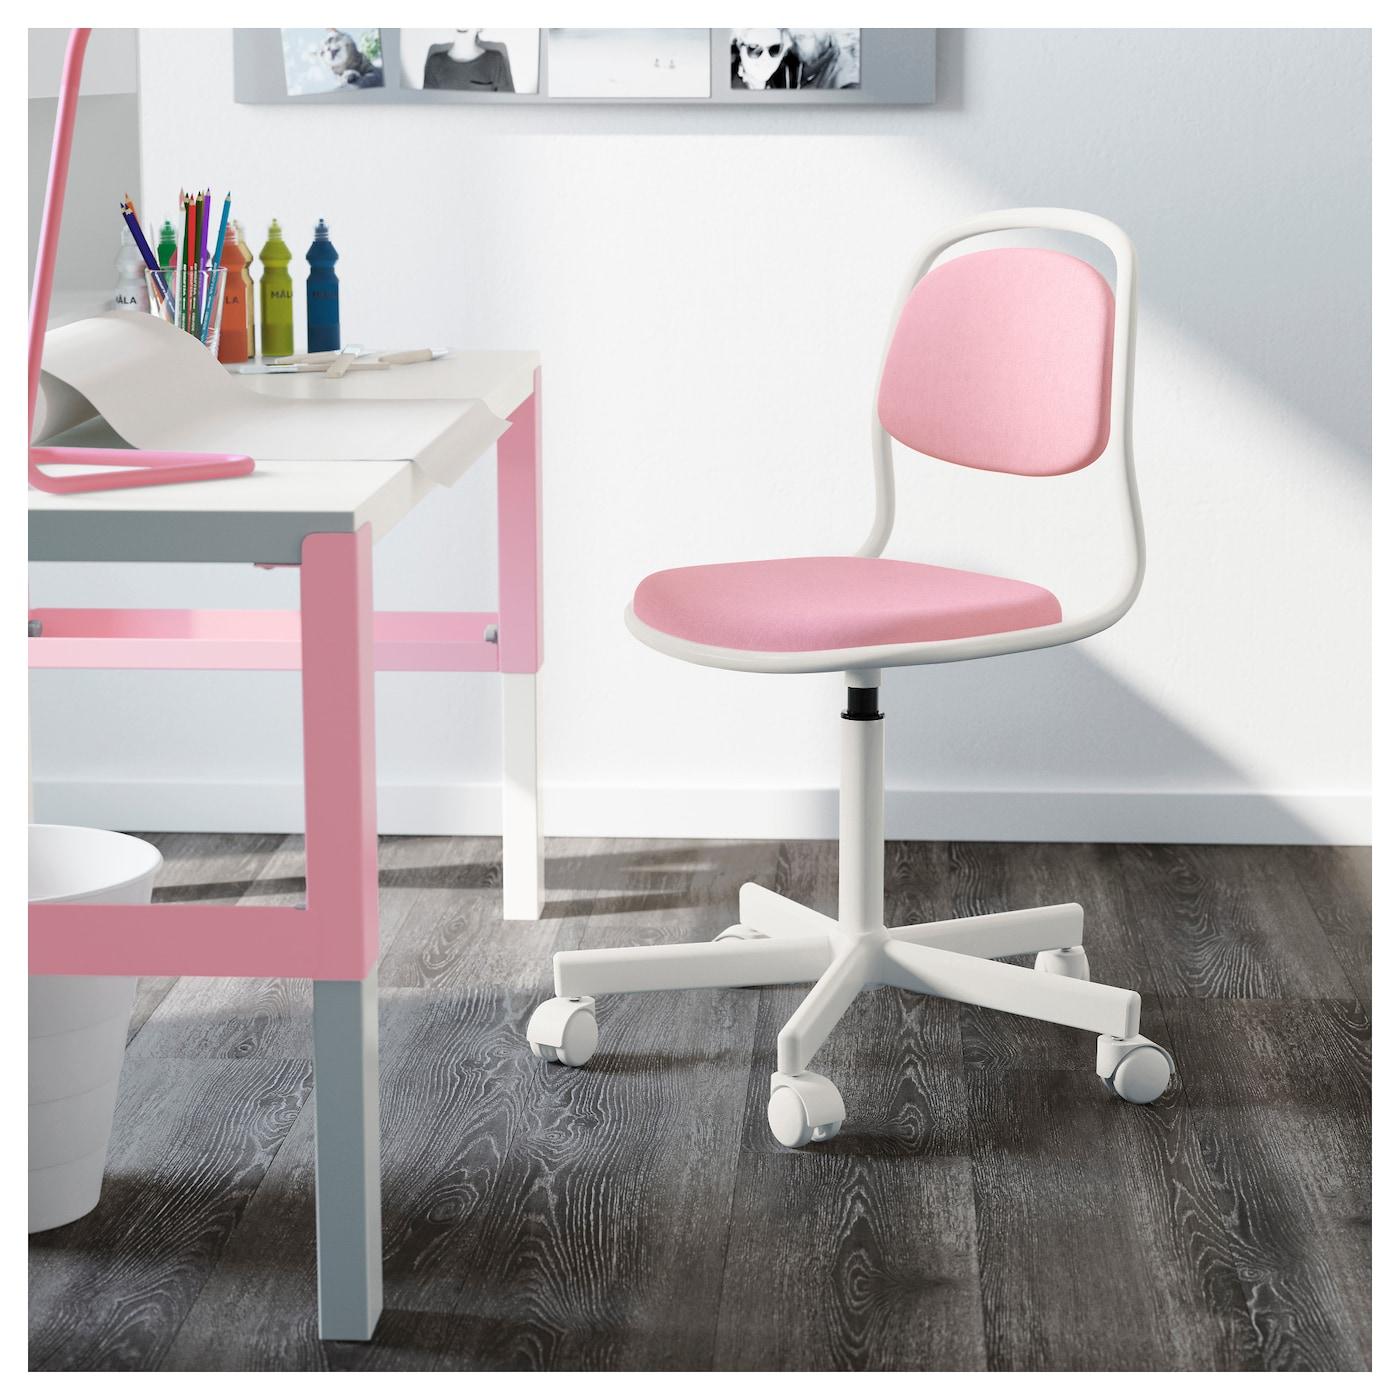 214 Rfj 196 Ll Children S Desk Chair White Vissle Pink Ikea